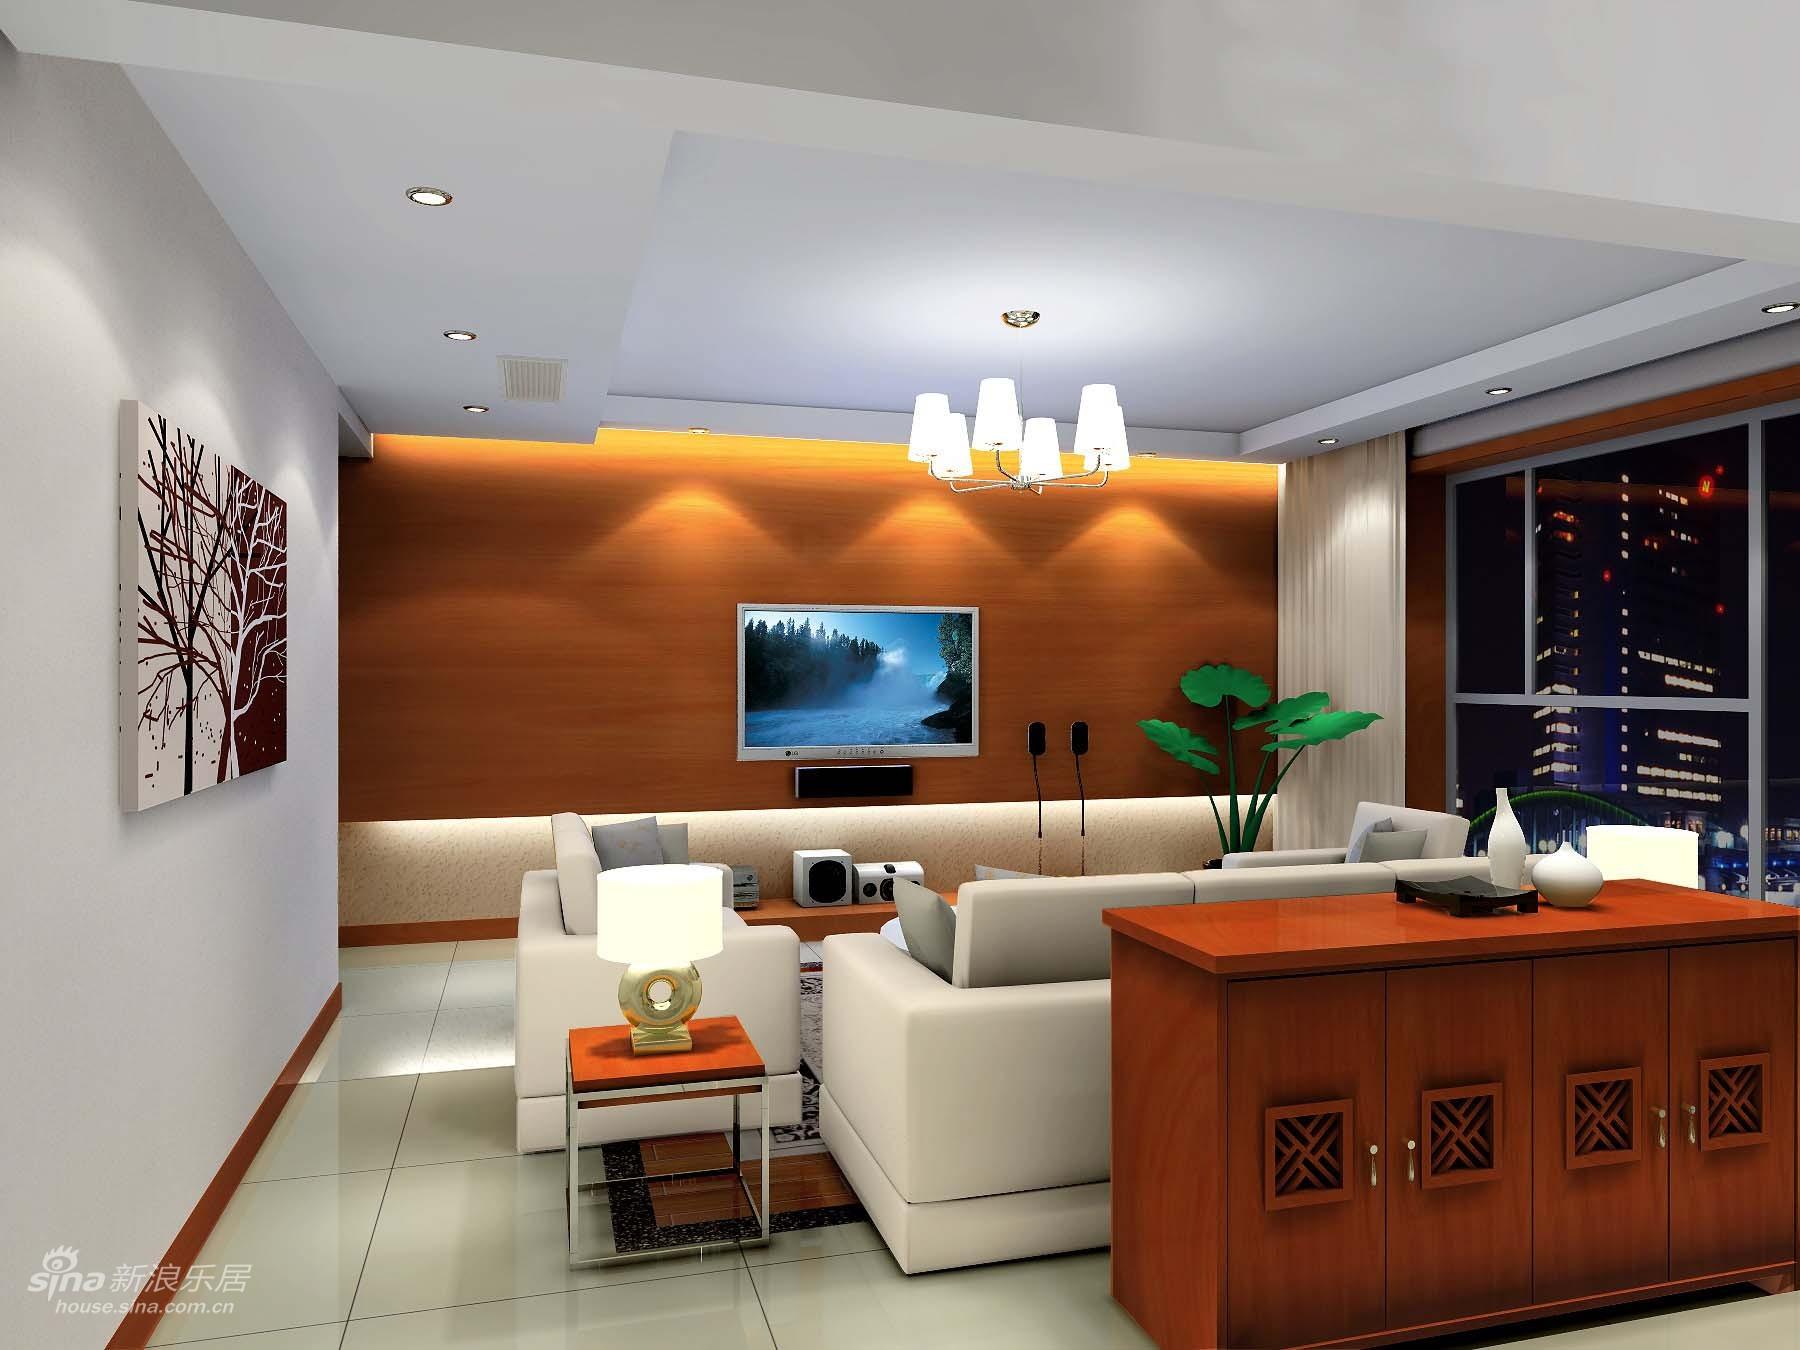 欧式 复式 客厅图片来自用户2772873991在豪华复式14的分享